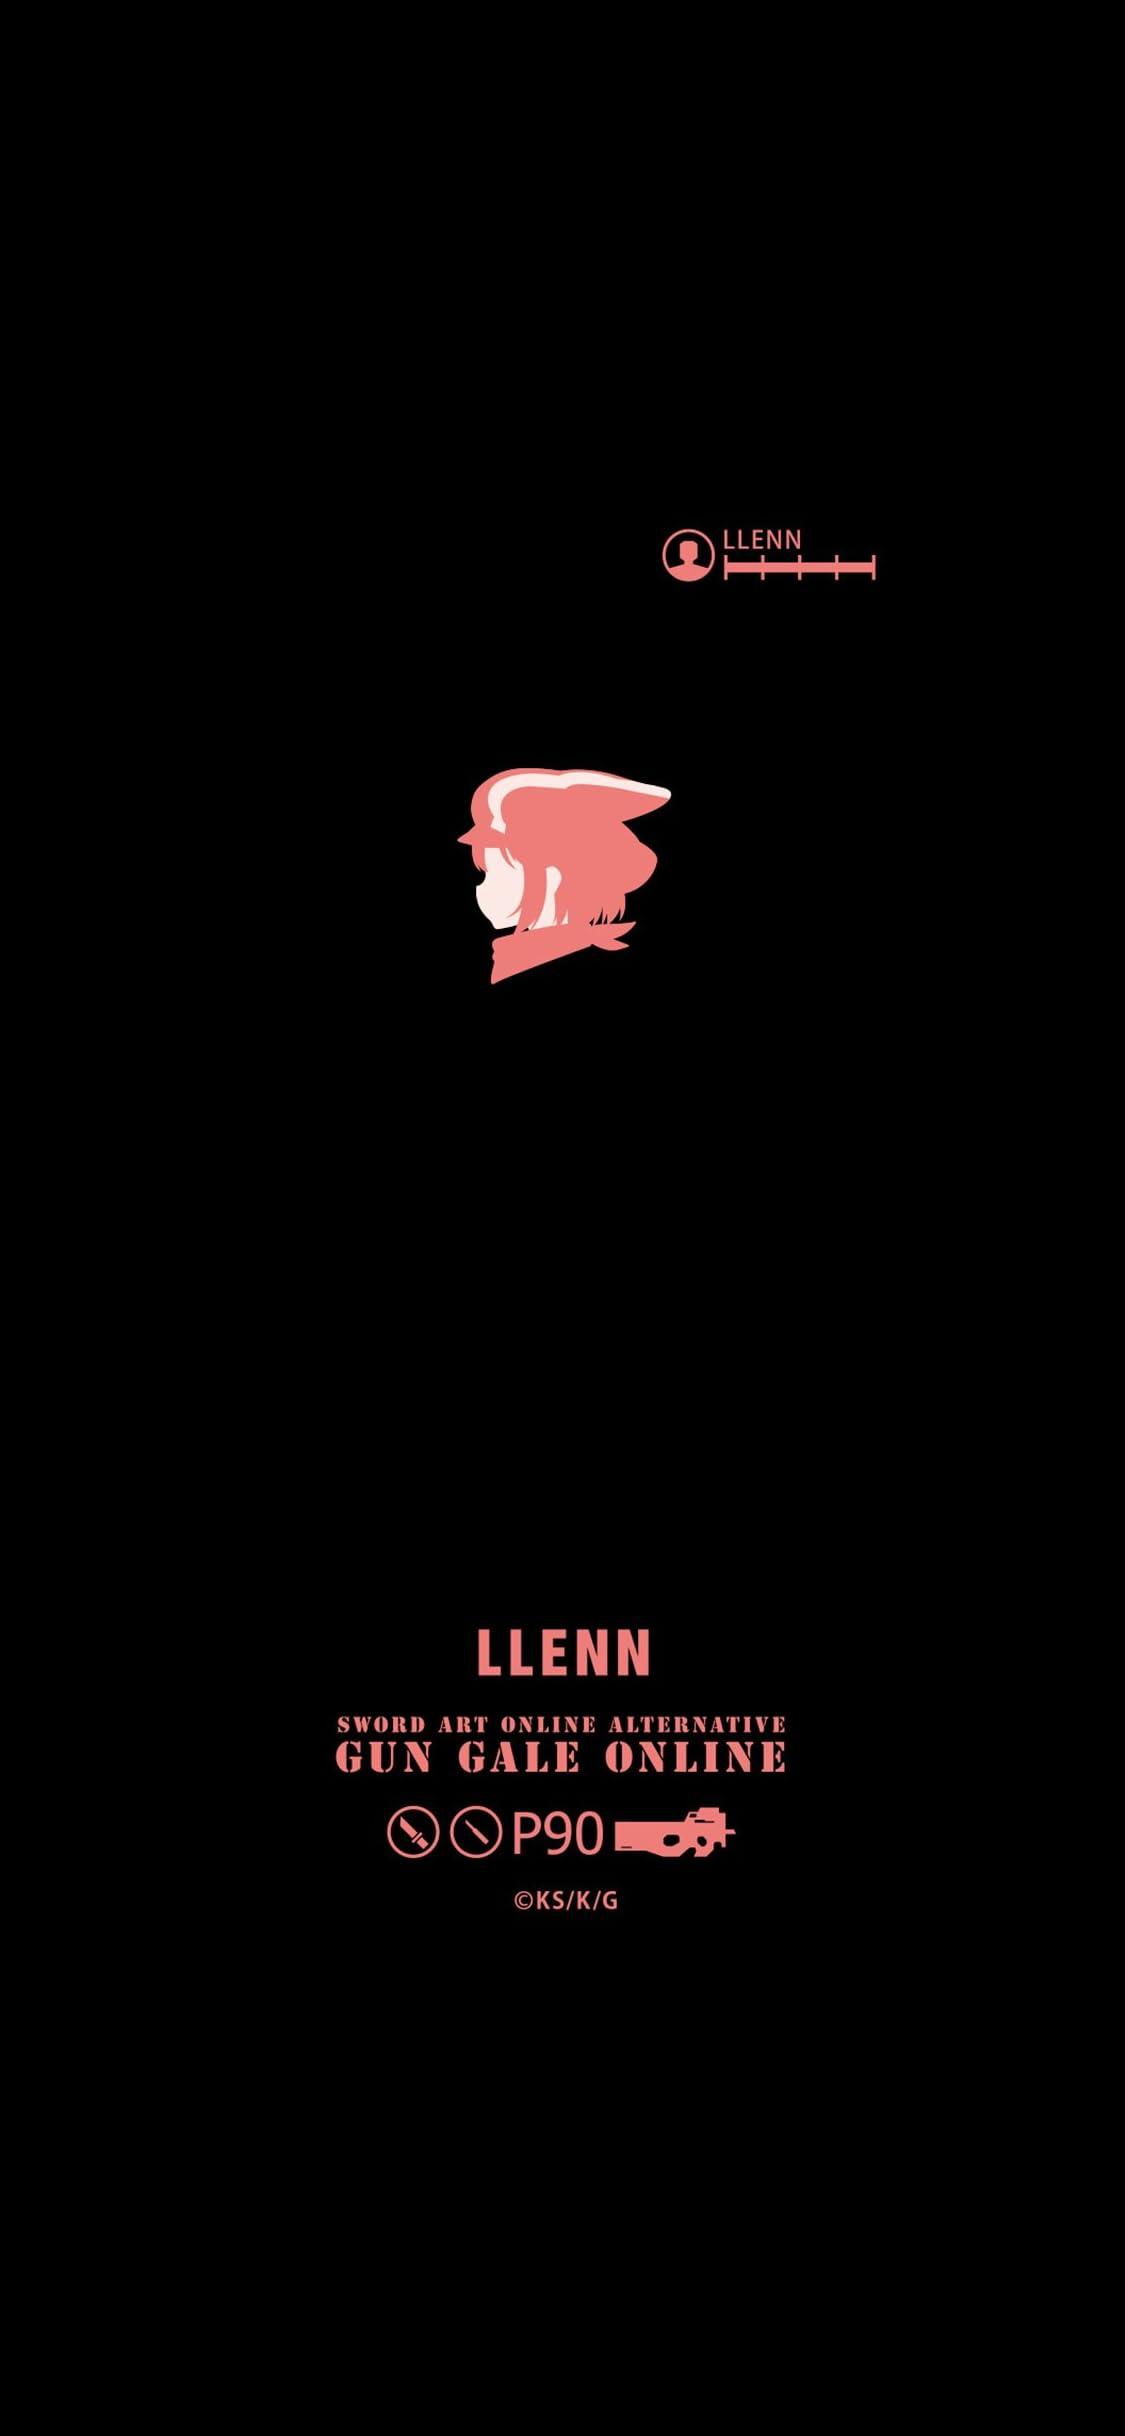 ソードアートオンライン オルタナティブ ガンゲイル・オンライン レンの横顔 iPhone X 壁紙(1125x2436)画像